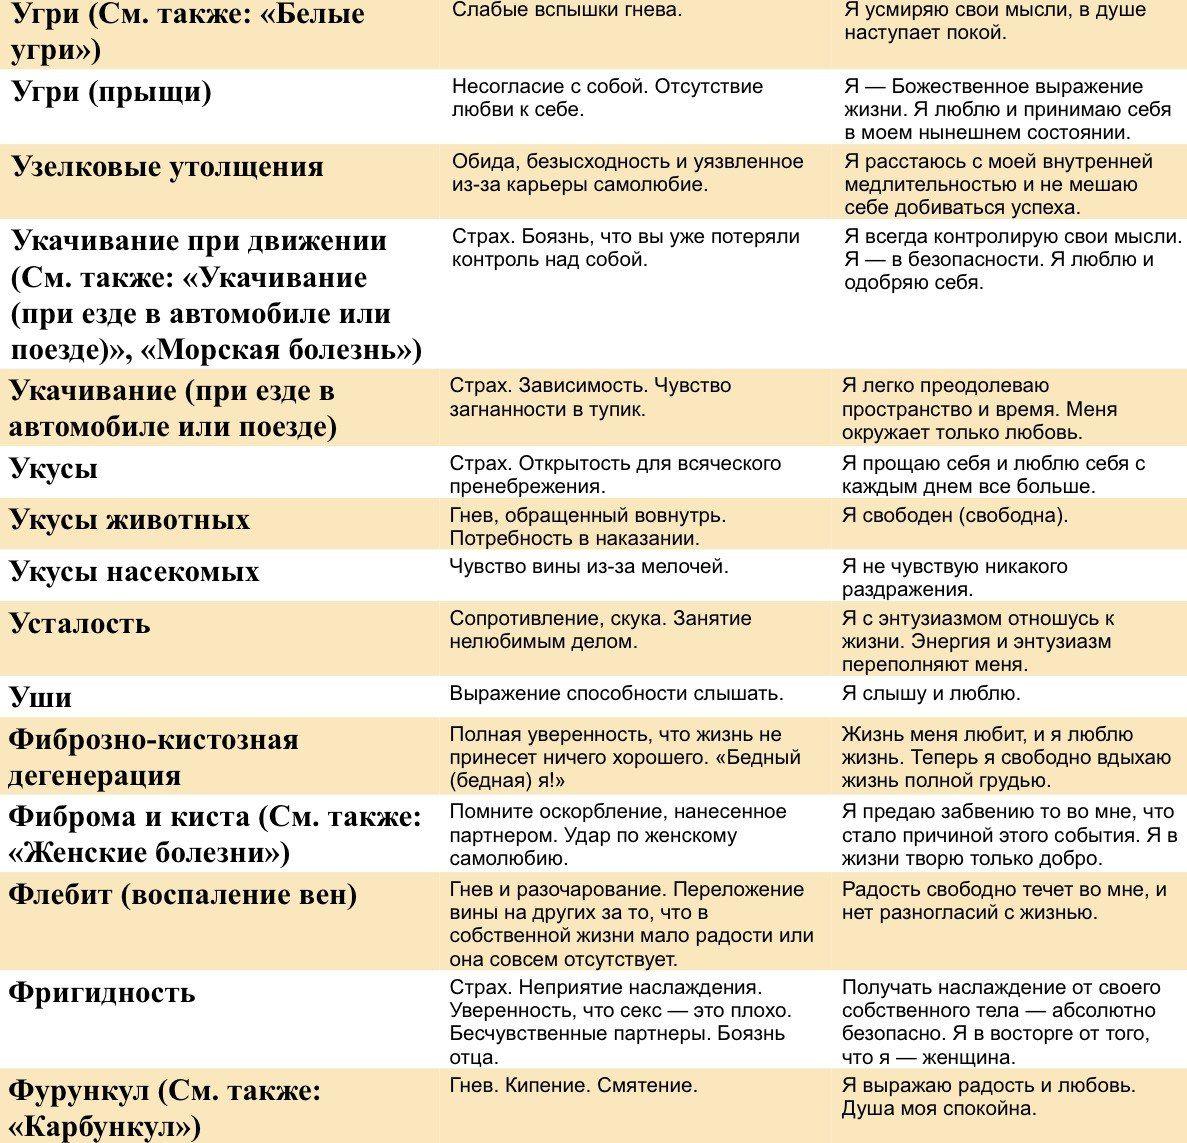 Кисловодск Псориаз